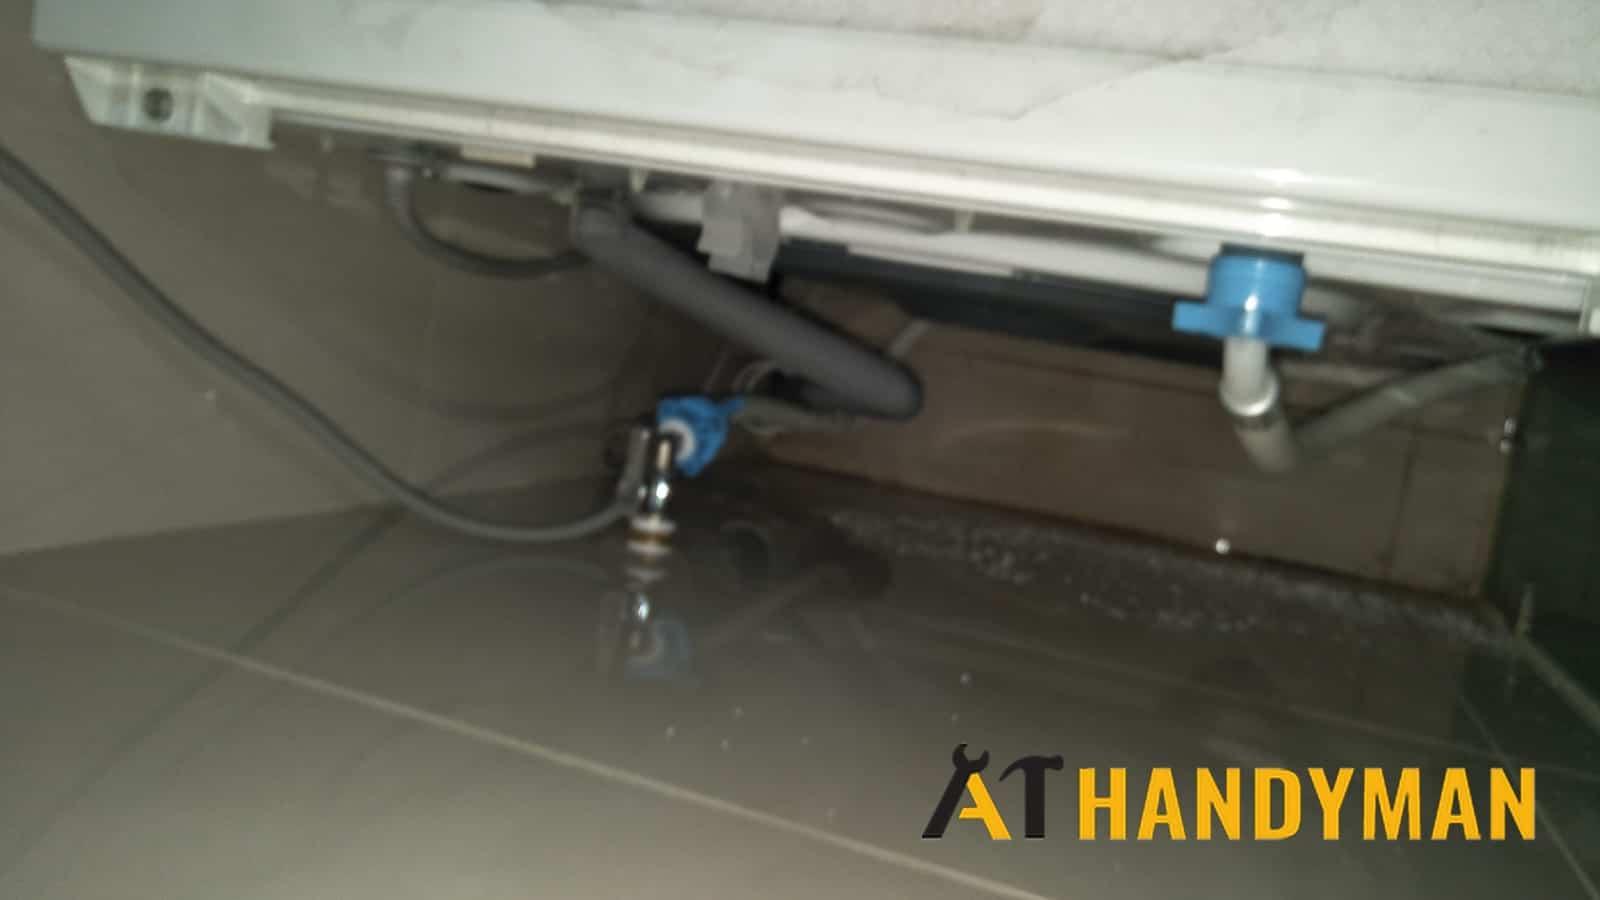 leaking-washing-machine-tap-and-hose-replacement-singapore-condo-bukit-panjang-2